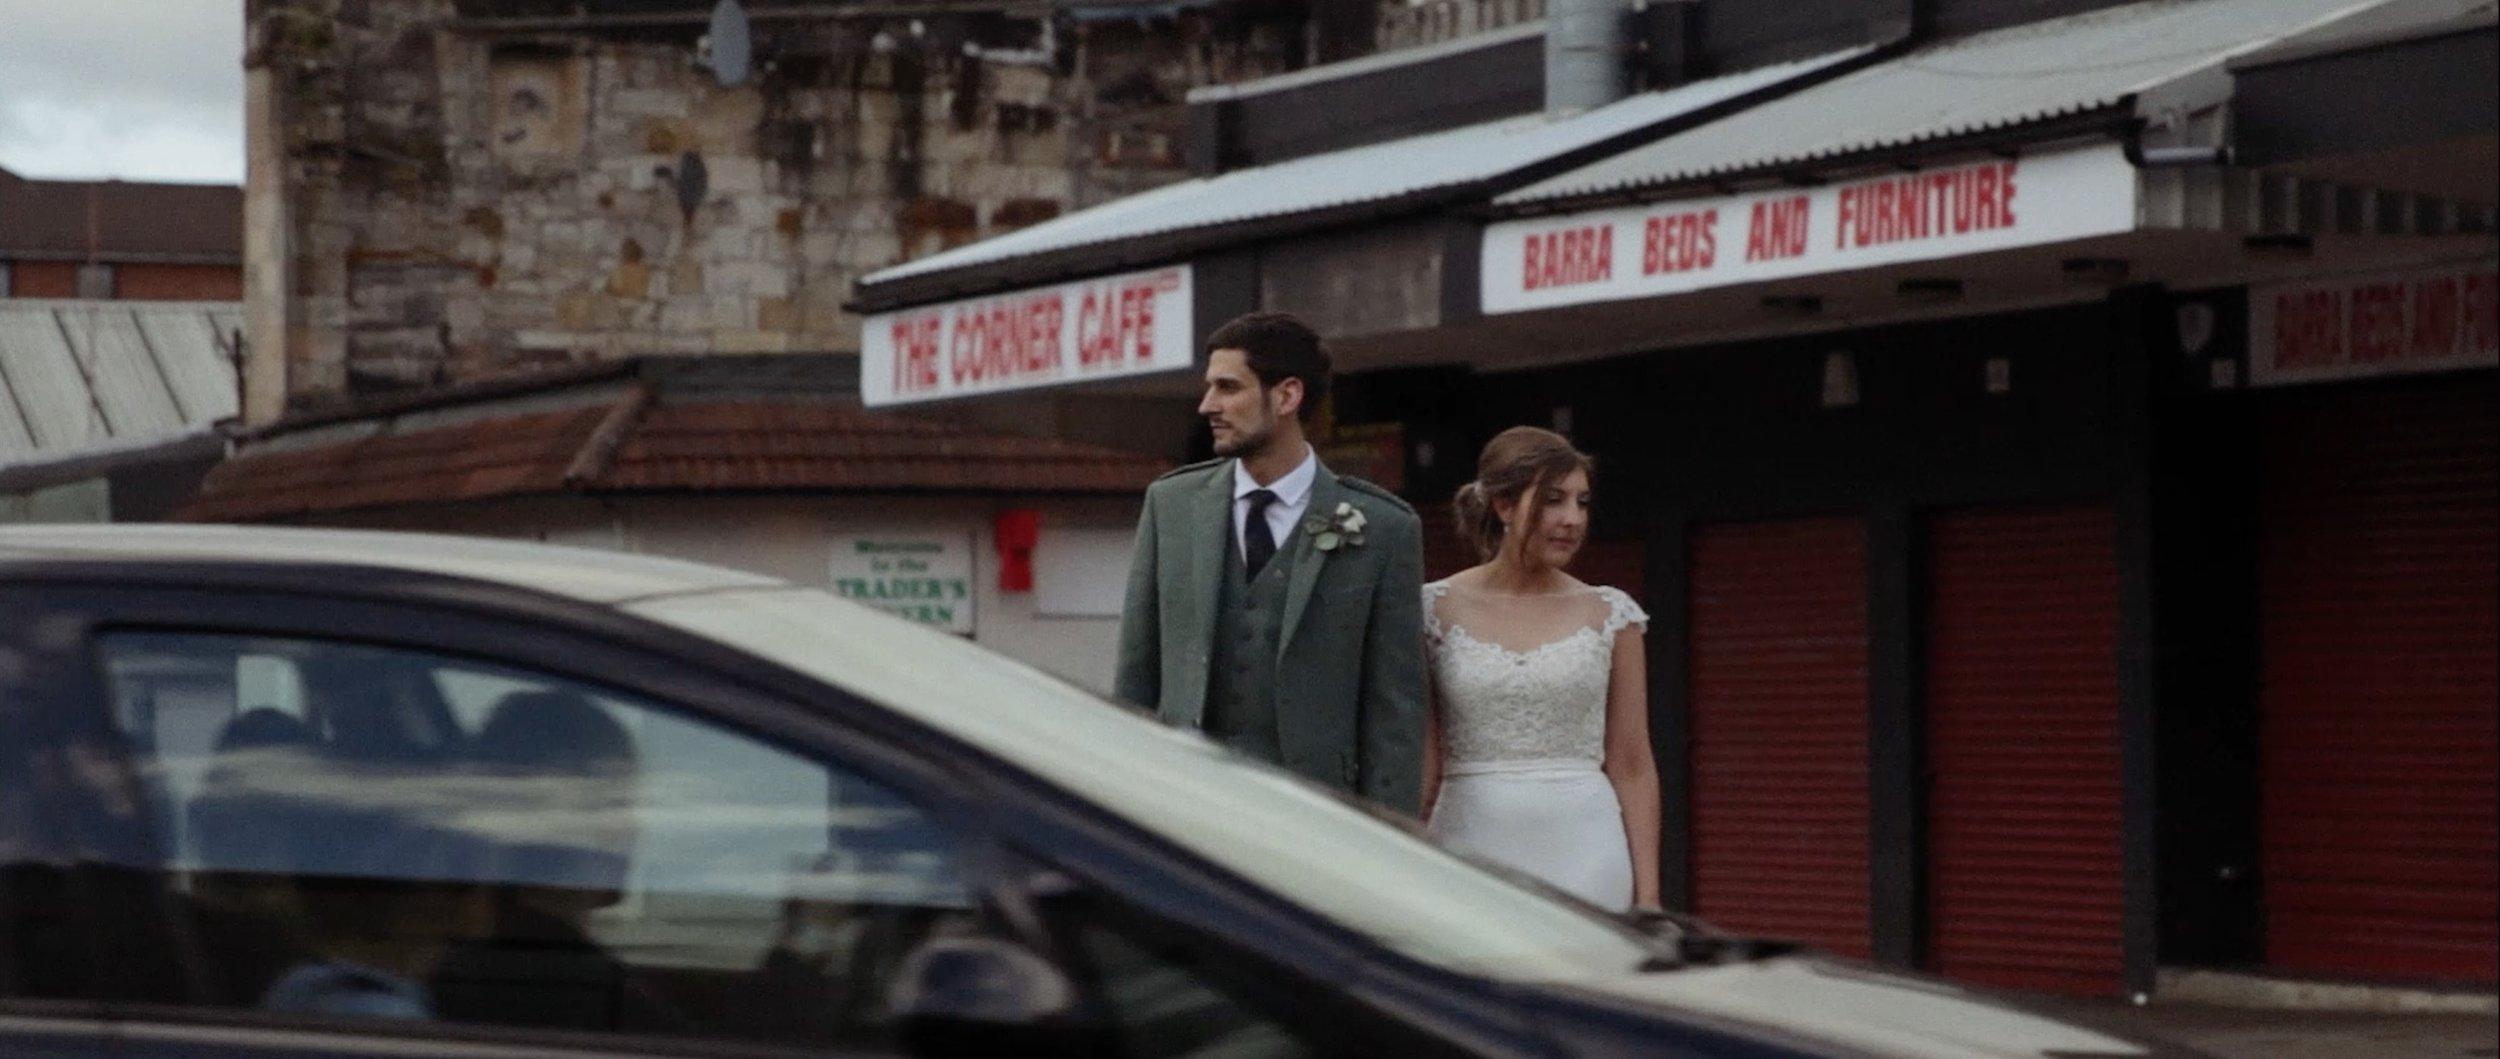 glasgow-wedding-videographer_LL_05.jpg